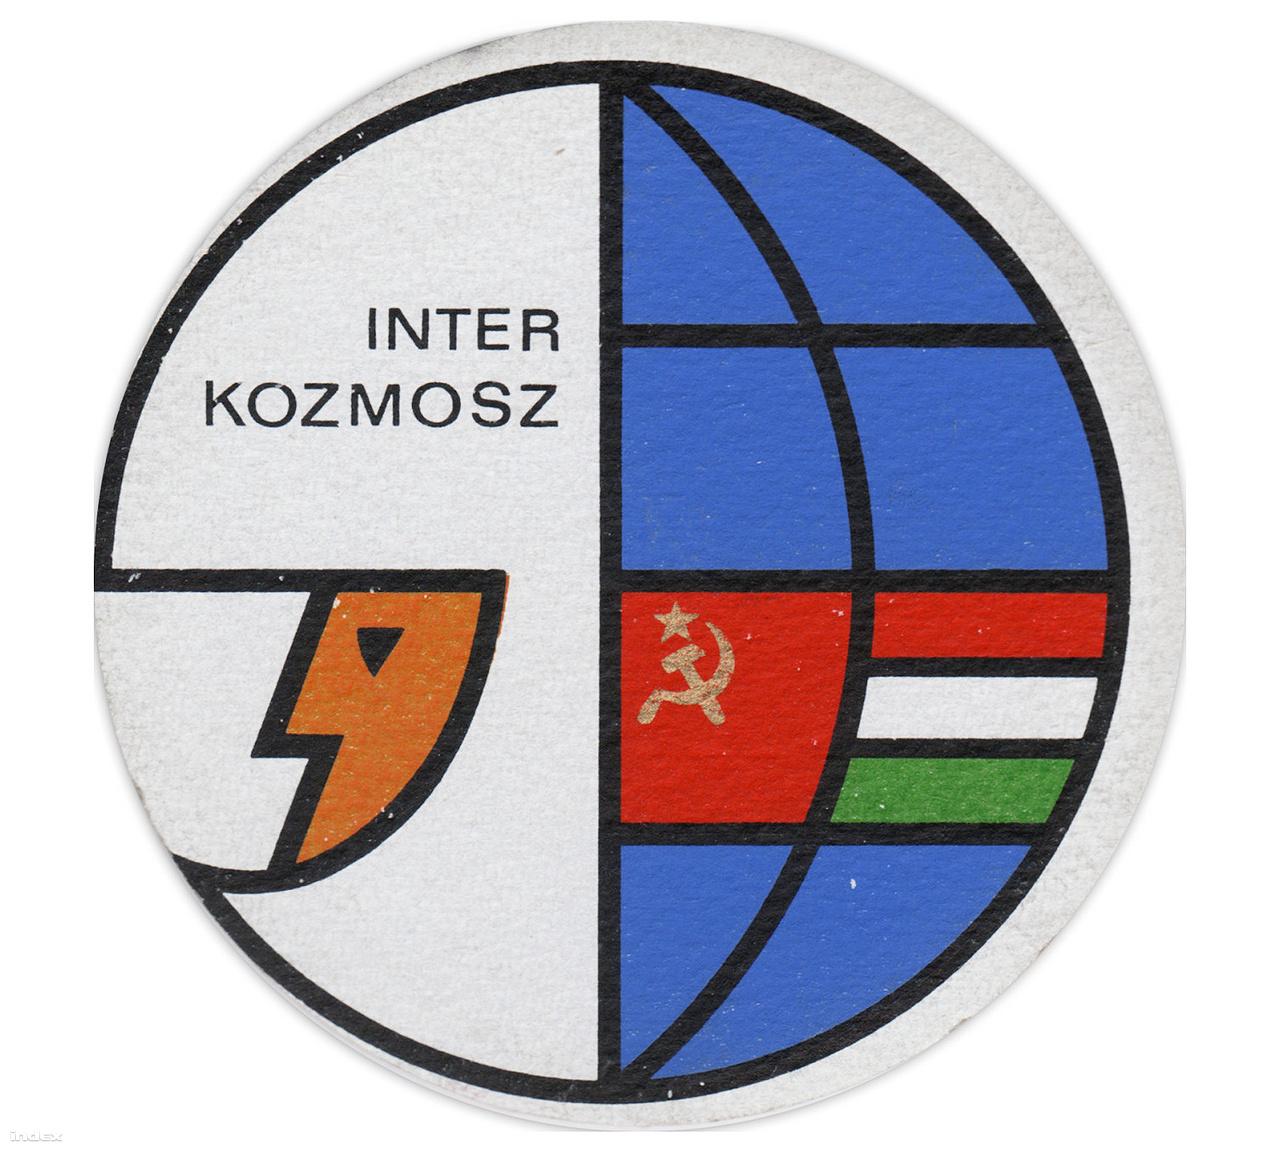 Interkozmosz söralátét a szovjet-magyar közös űrrepülés jegyében. Za zdarovje!